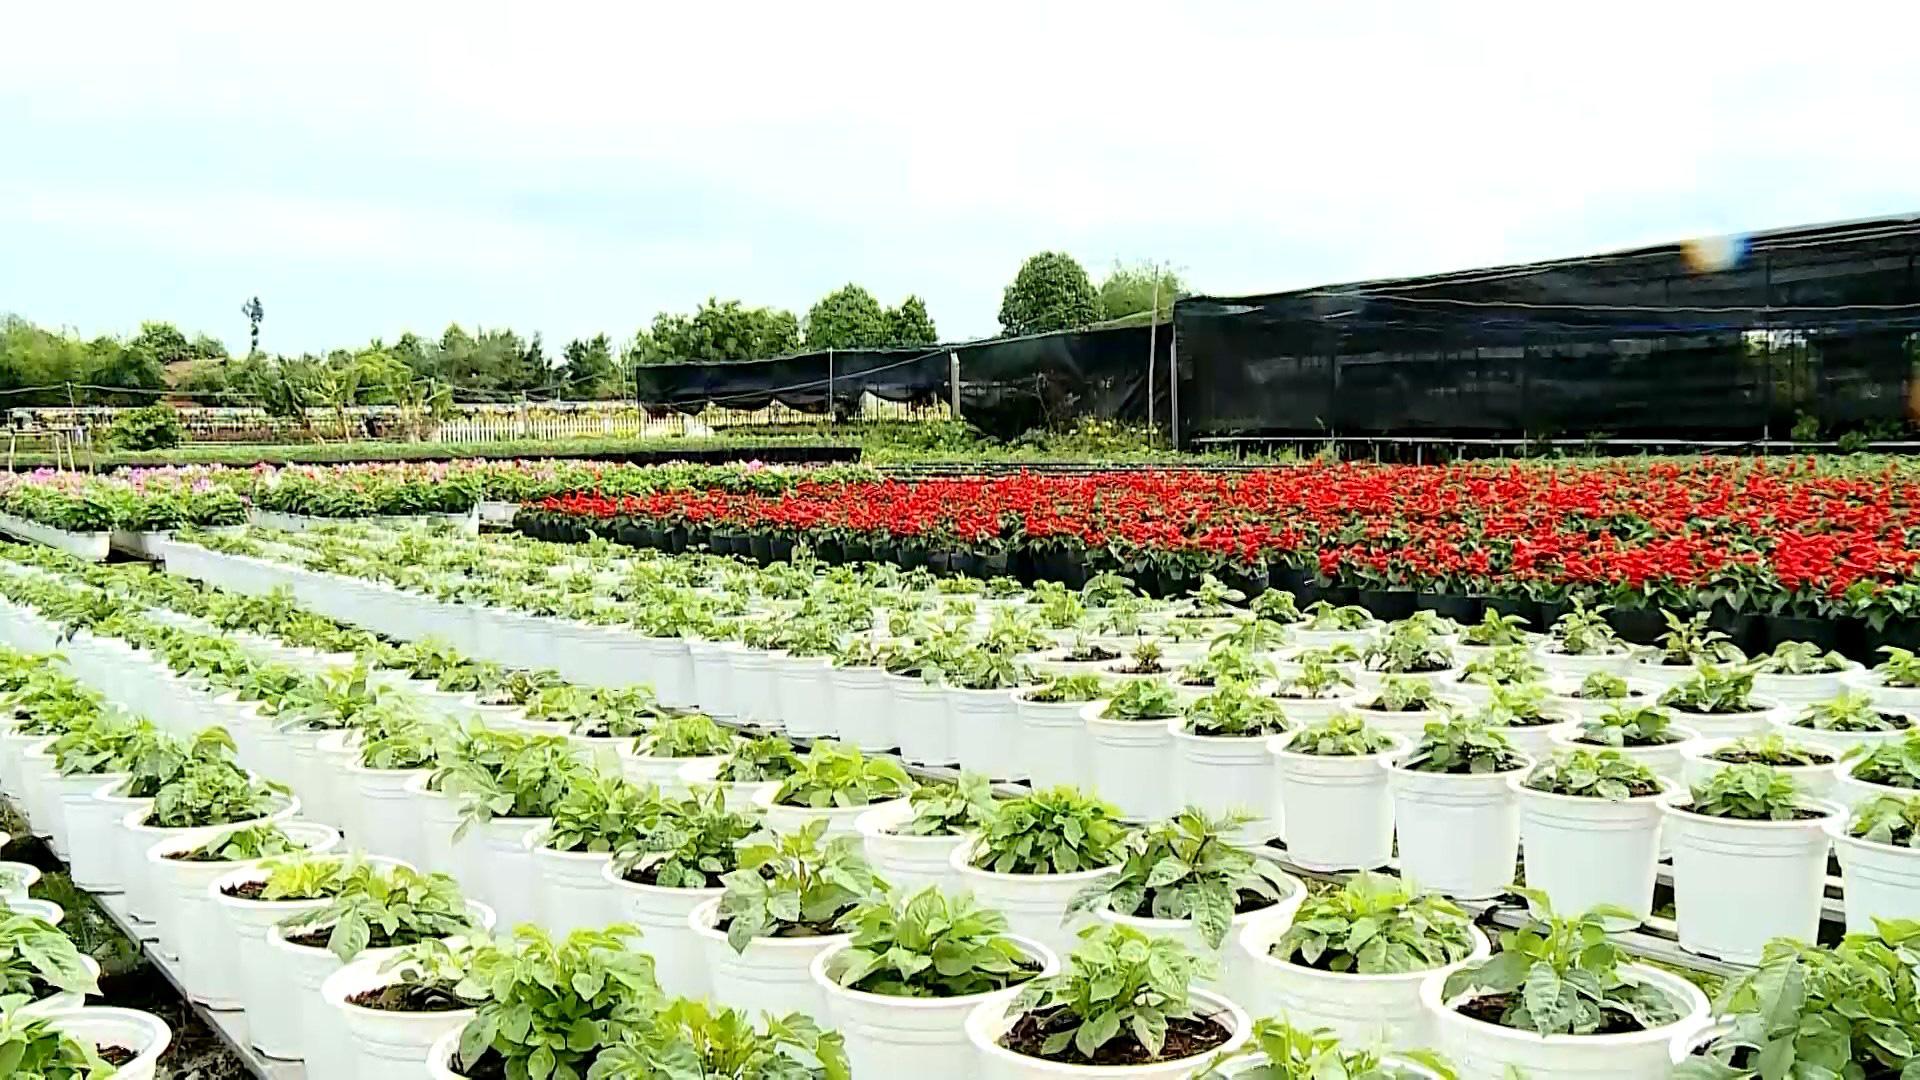 Agribank góp phần tạo sức bật mới cho làng hoa Sa Đéc   - Ảnh 5.